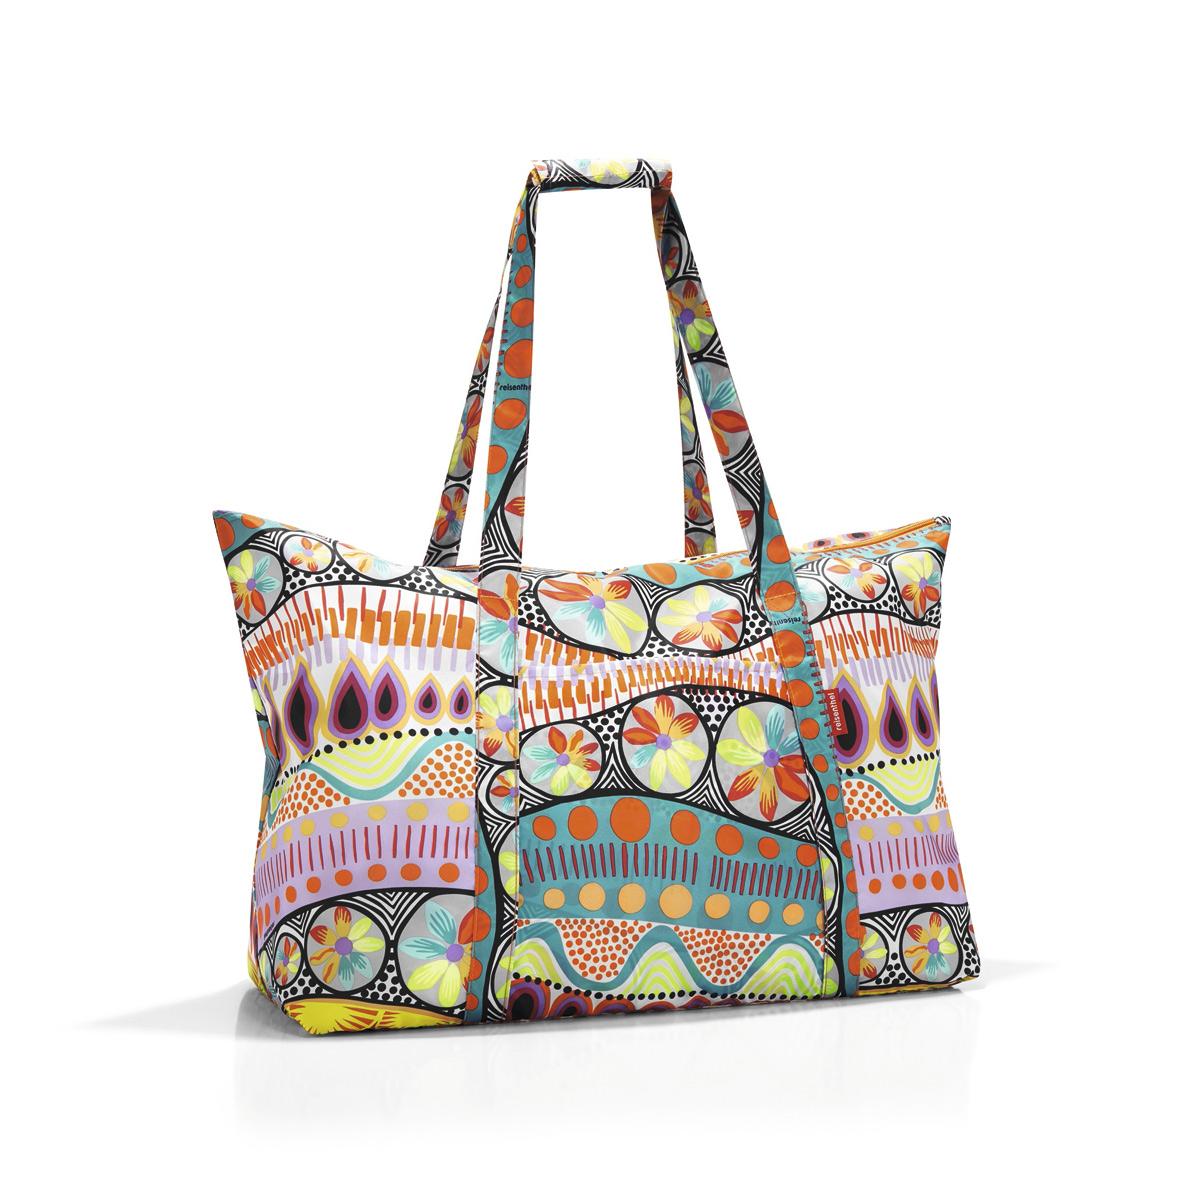 Сумка-шоппер женская Reisenthel, цвет: голубой, розовый. AG20203-47670-00504Идеальный компаньон для путешествий, ведь из поездки мы всегда возвращаемся со множеством сувениров и покупок. Так что еще одна сумка пригодится. Она легко складывается в маленький чехол, которые можно взять с собой в сумке или рюкзаке. Так же можно использовать для похода за продуктами.Внутренний объем сумки - 30 литров. Есть внешний кармашек для мелочей. Для удобства ручки сумки можно соединить между собой.